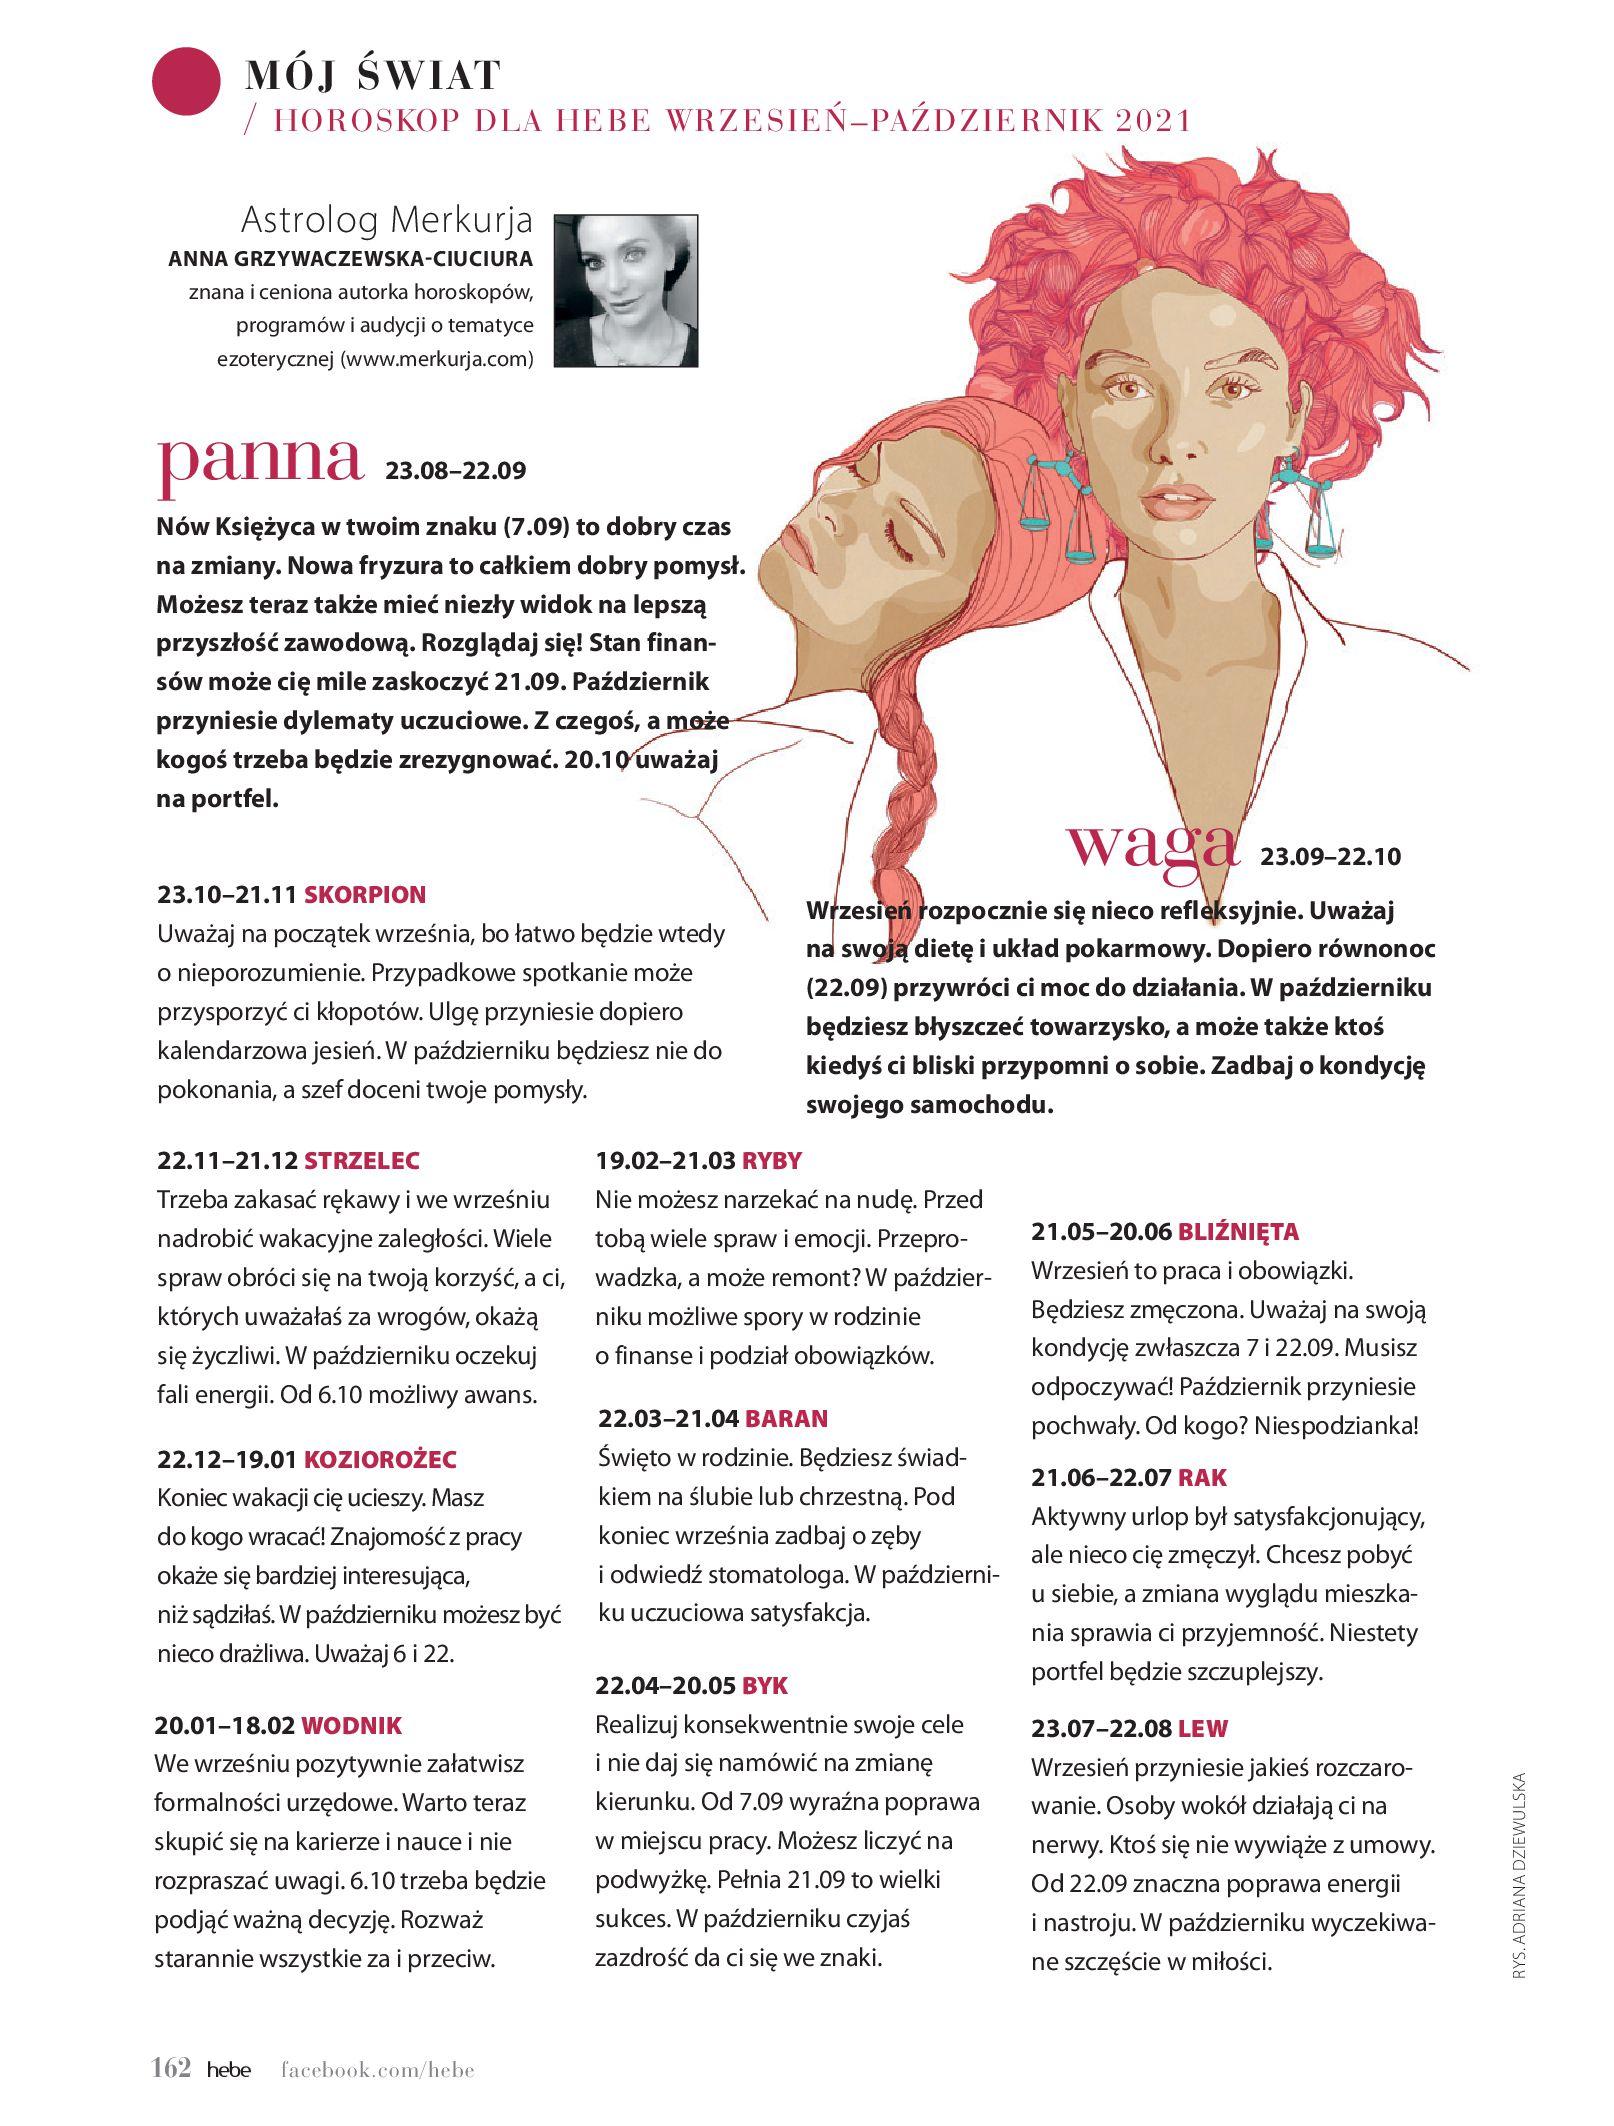 Gazetka hebe: Magazyn hebe - TURBO nawilżanie po urlopie 2021-09-01 page-162